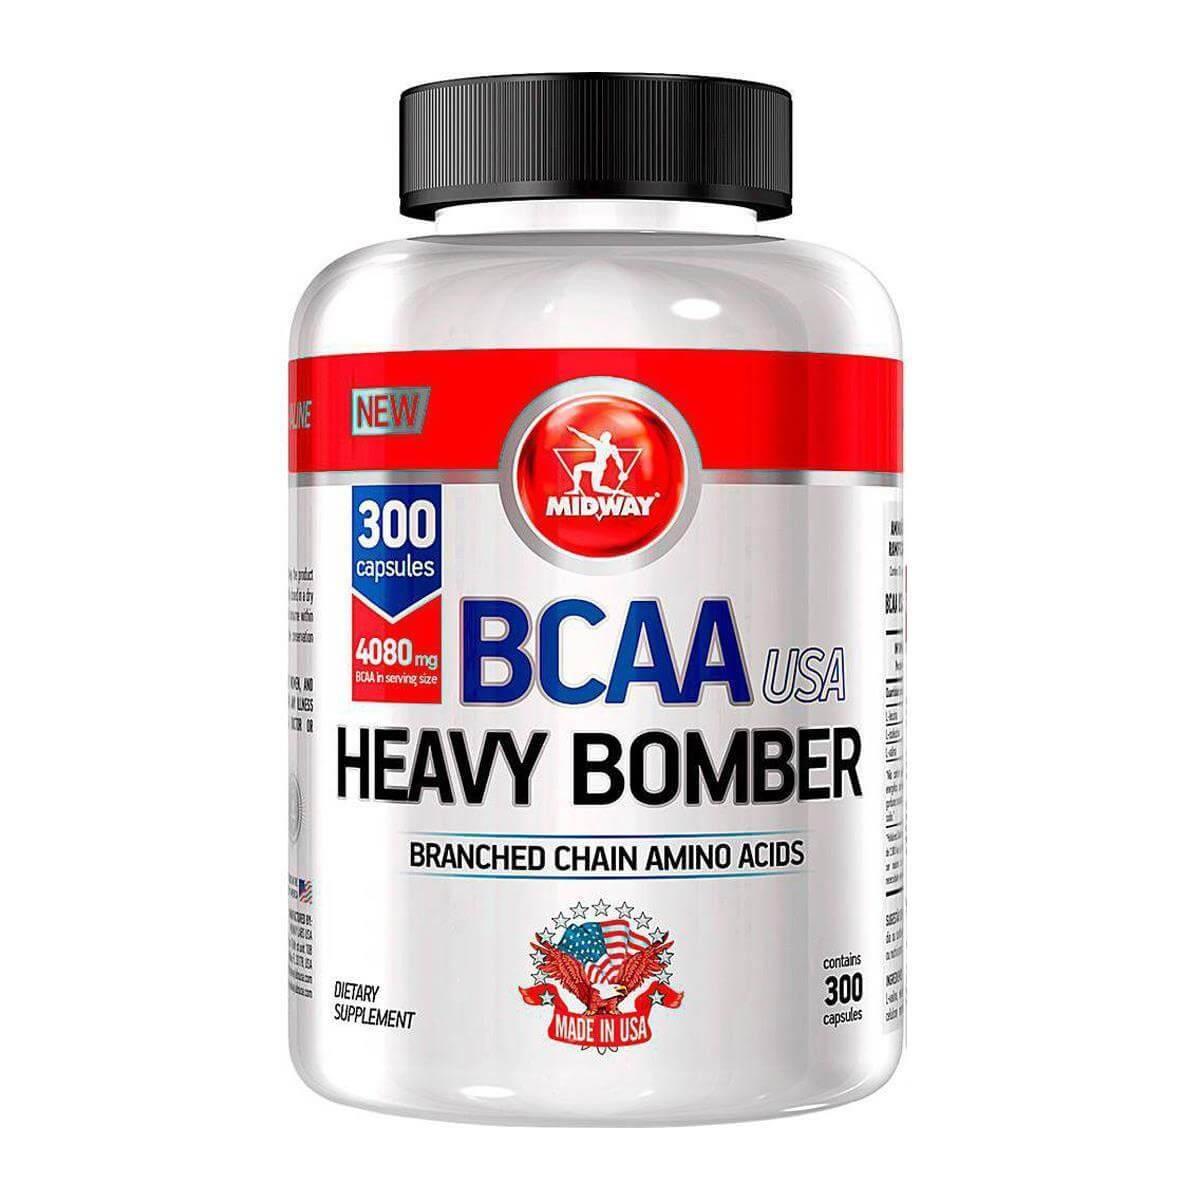 db3384b65 BCAA HEAVY BOMBER - MidWay